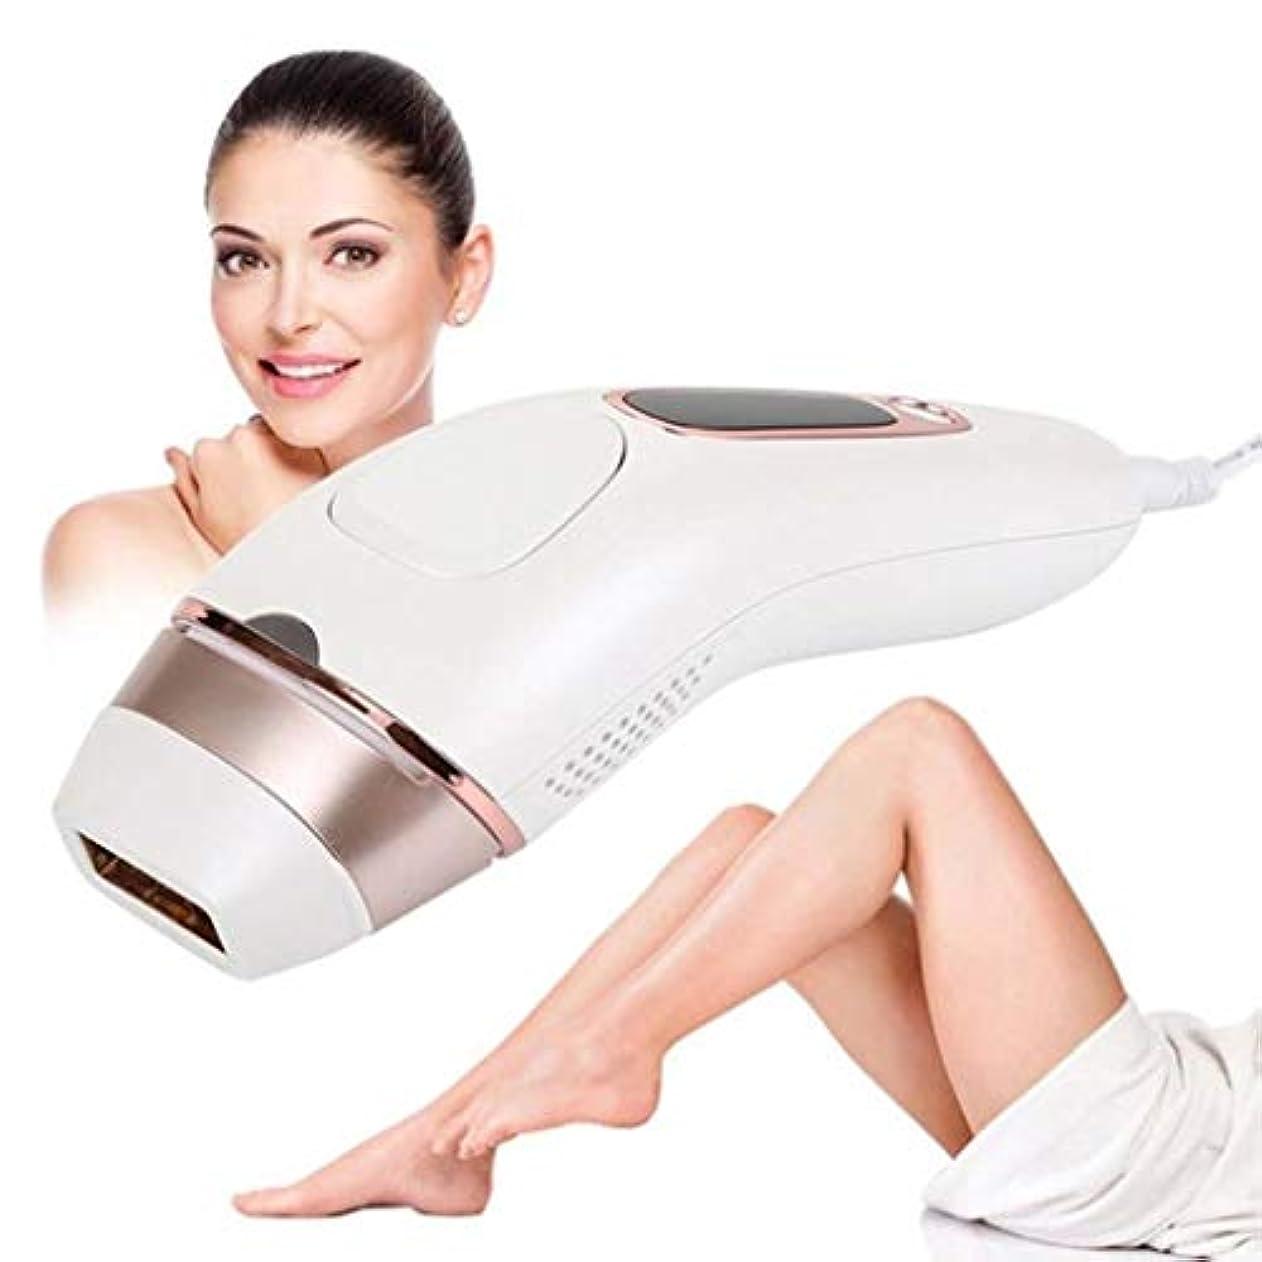 処方する損失時計回り脱毛器、男女兼用IPLの毛の取り外し装置、ボディ、顔、脇の下およびビキニライン接触LCDのための永久的な毛の取り外し機械のための300,000のフラッシュ